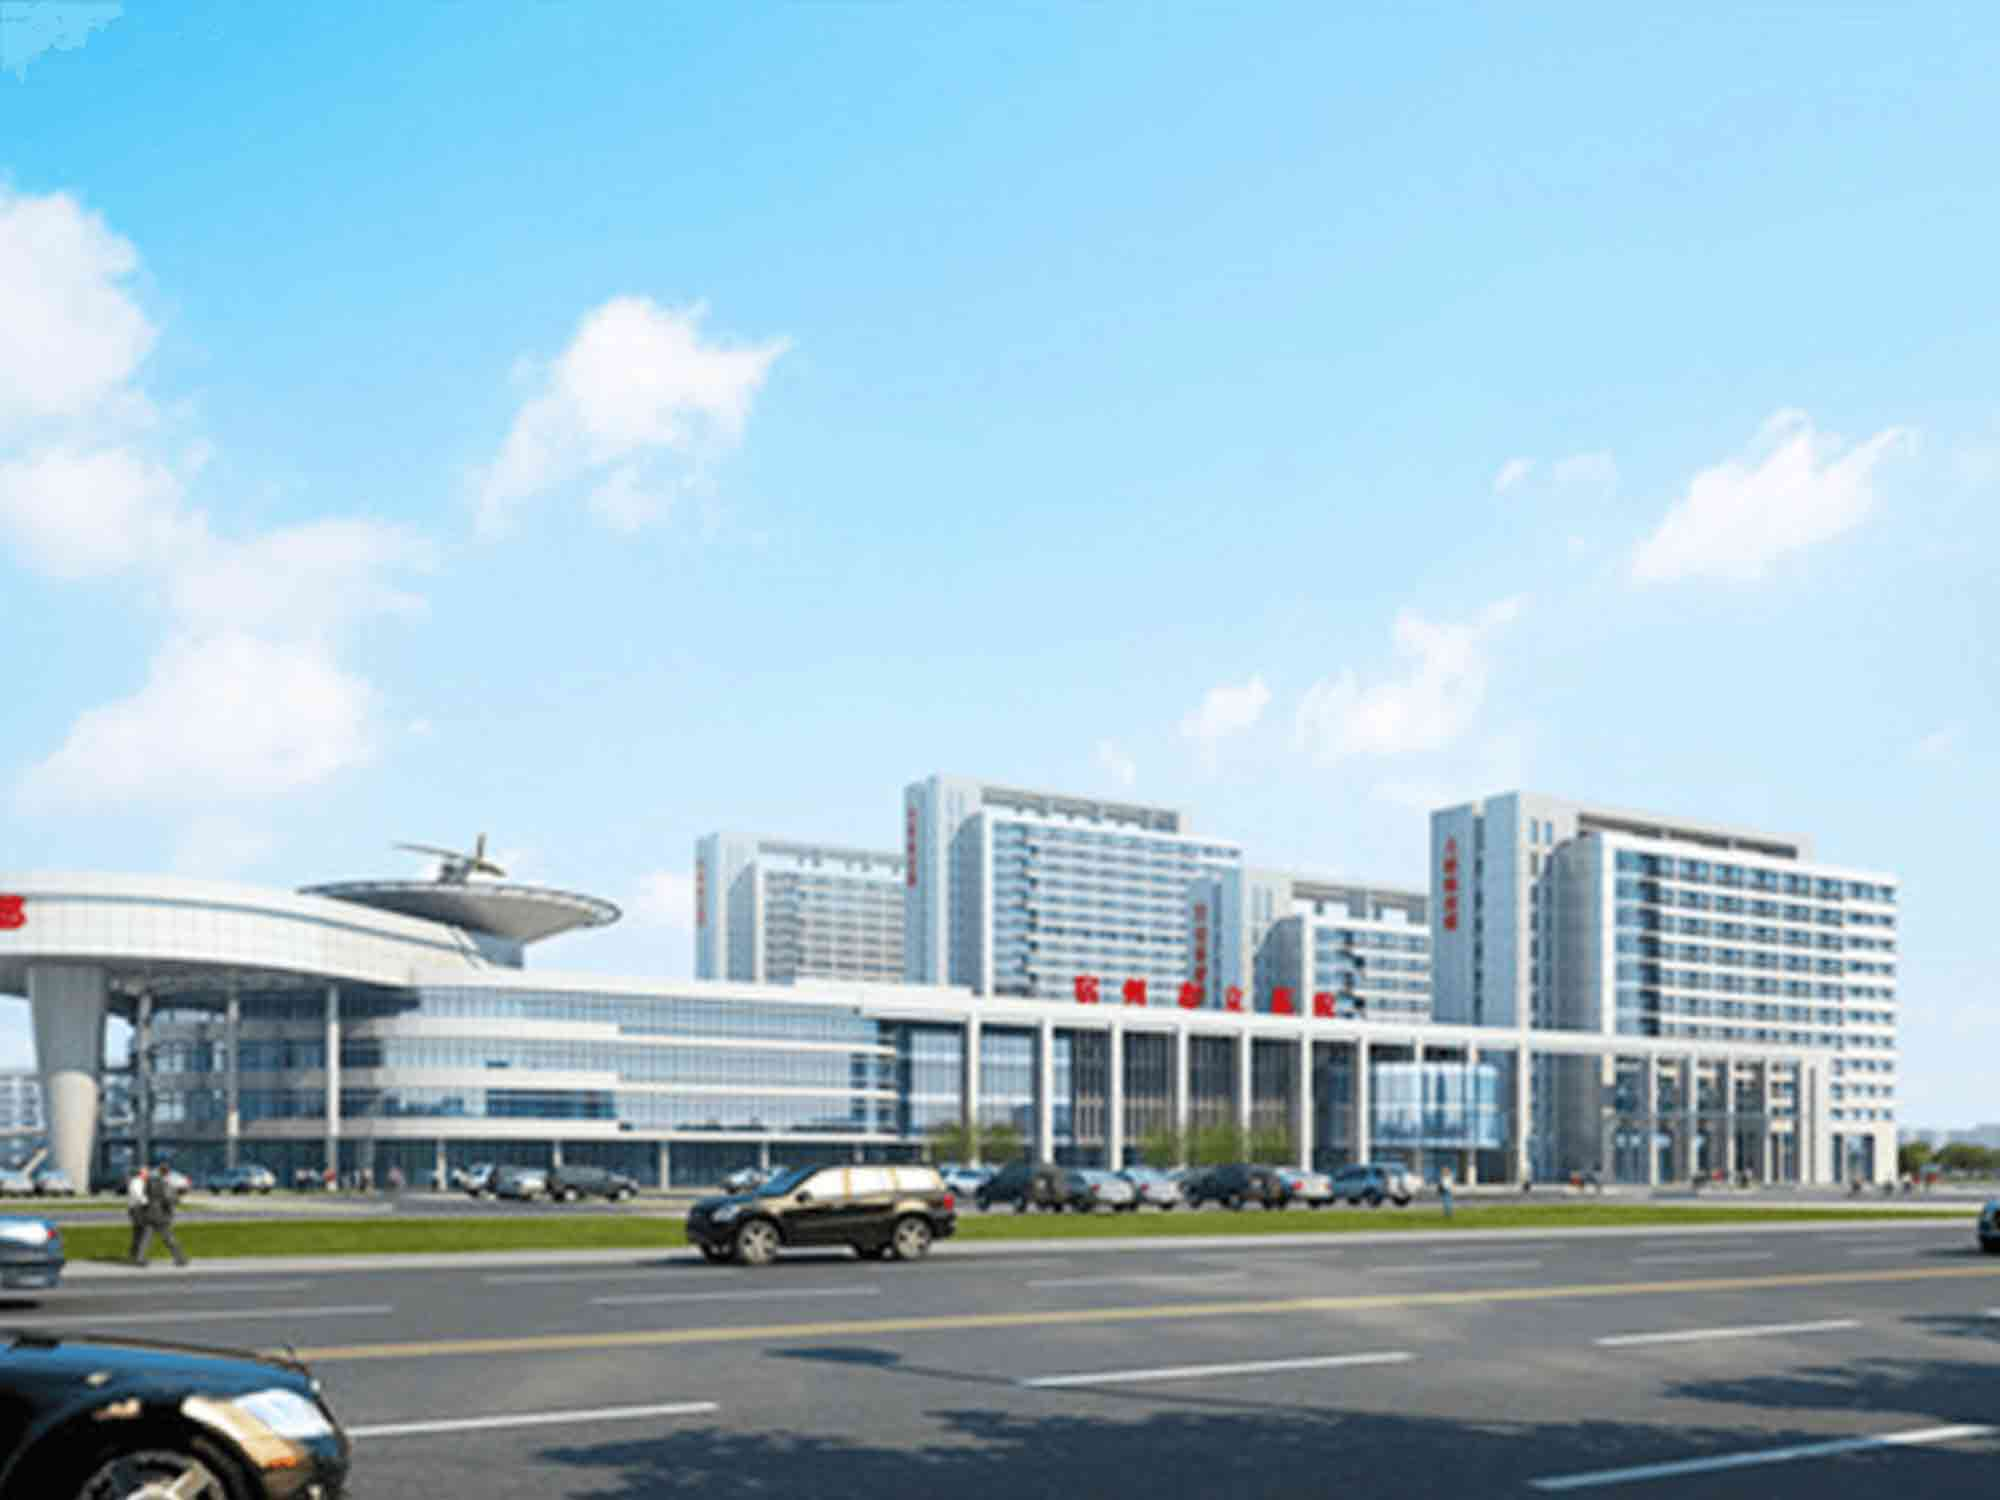 安徽省宿州市立医院健康体检中心